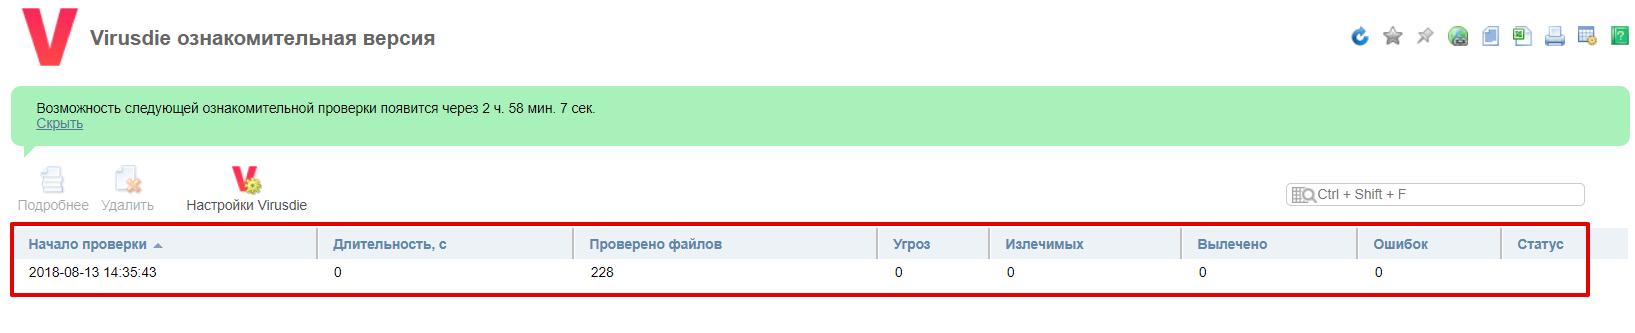 как проверисть сайт на вирусы через virusdie 4